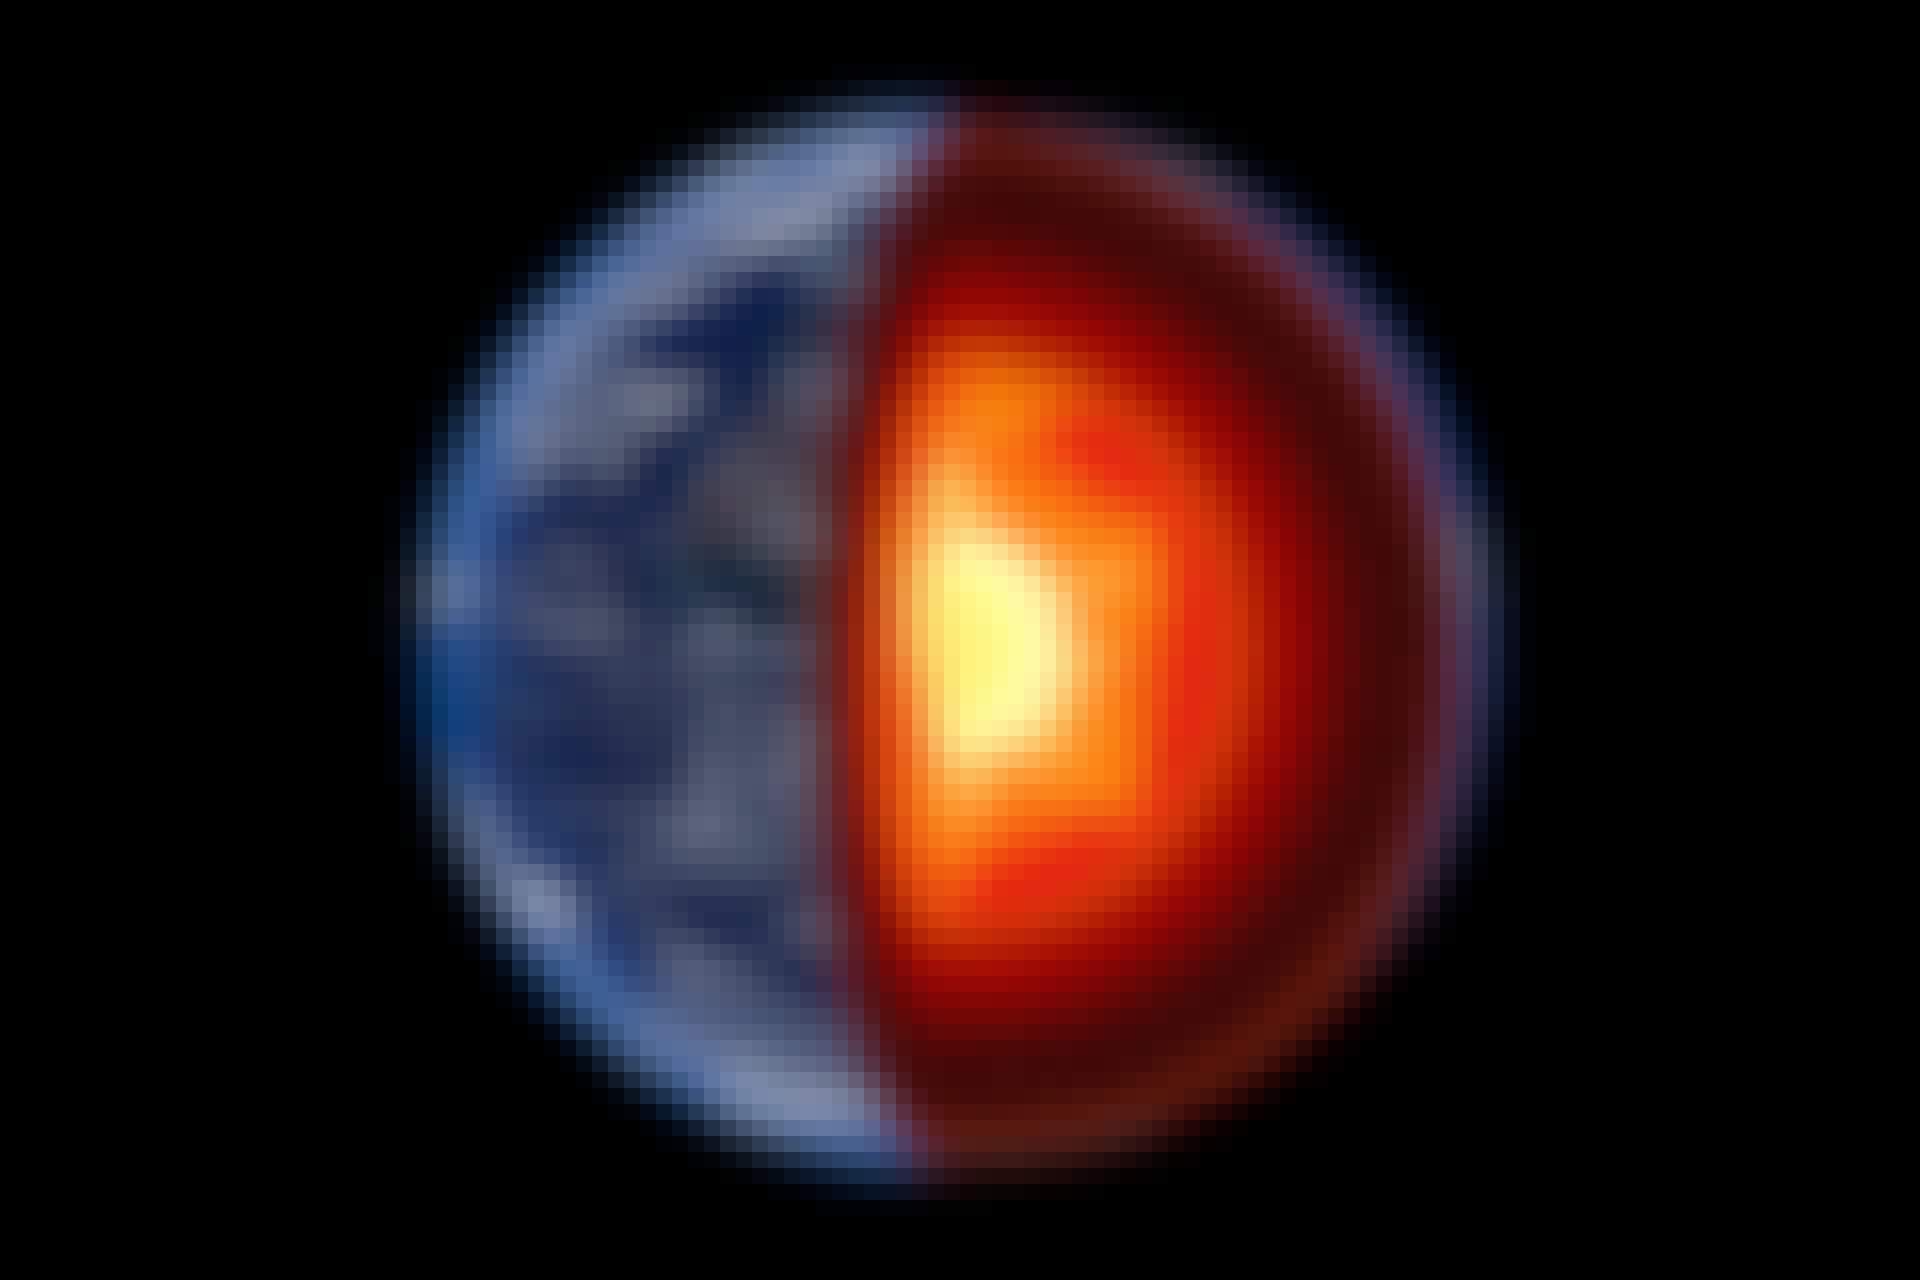 Jordens indre kerne har sin egen kerne